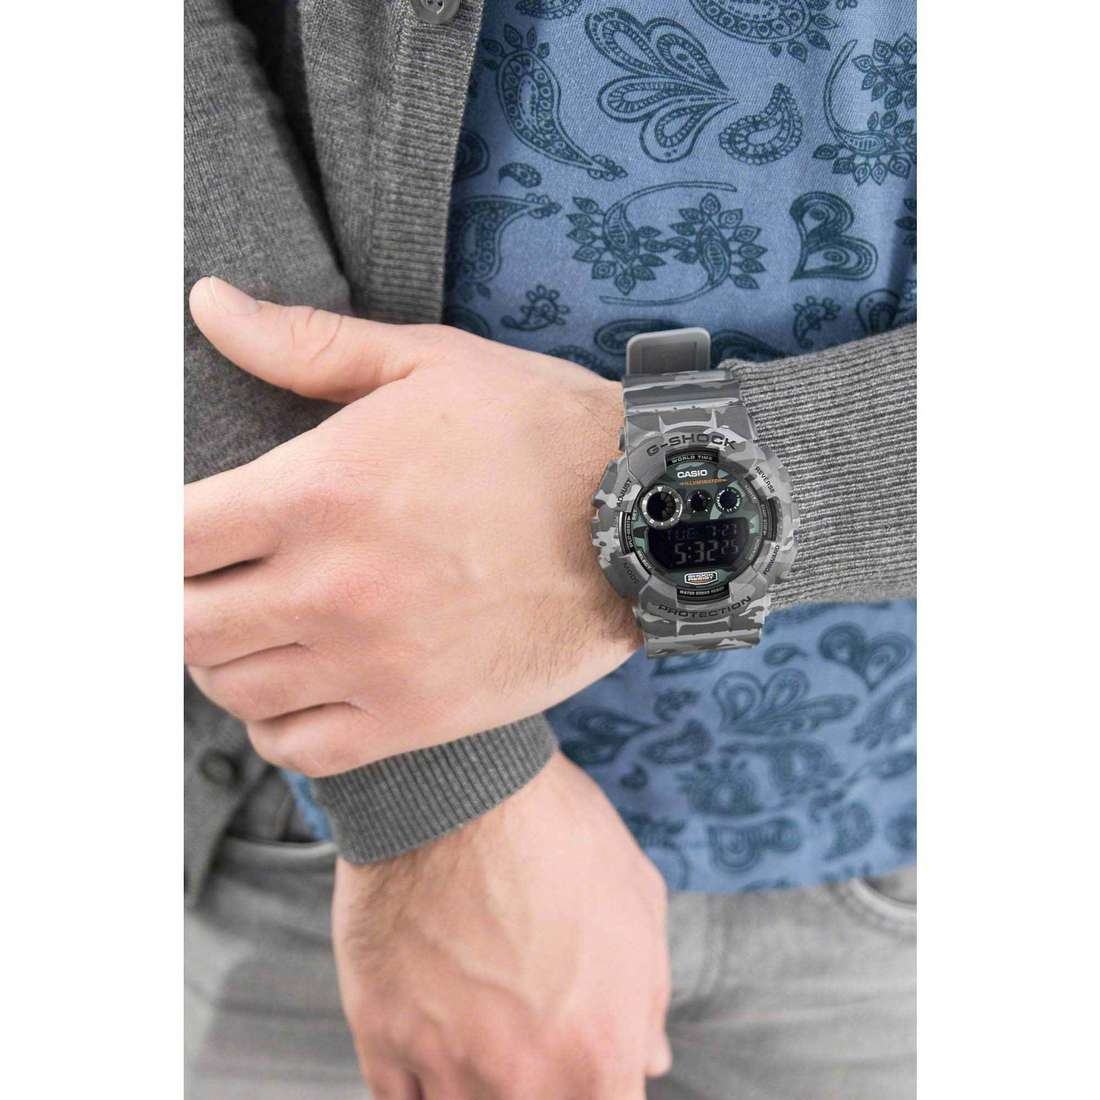 Casio digitali G-Shock uomo GD-120CM-8ER indosso